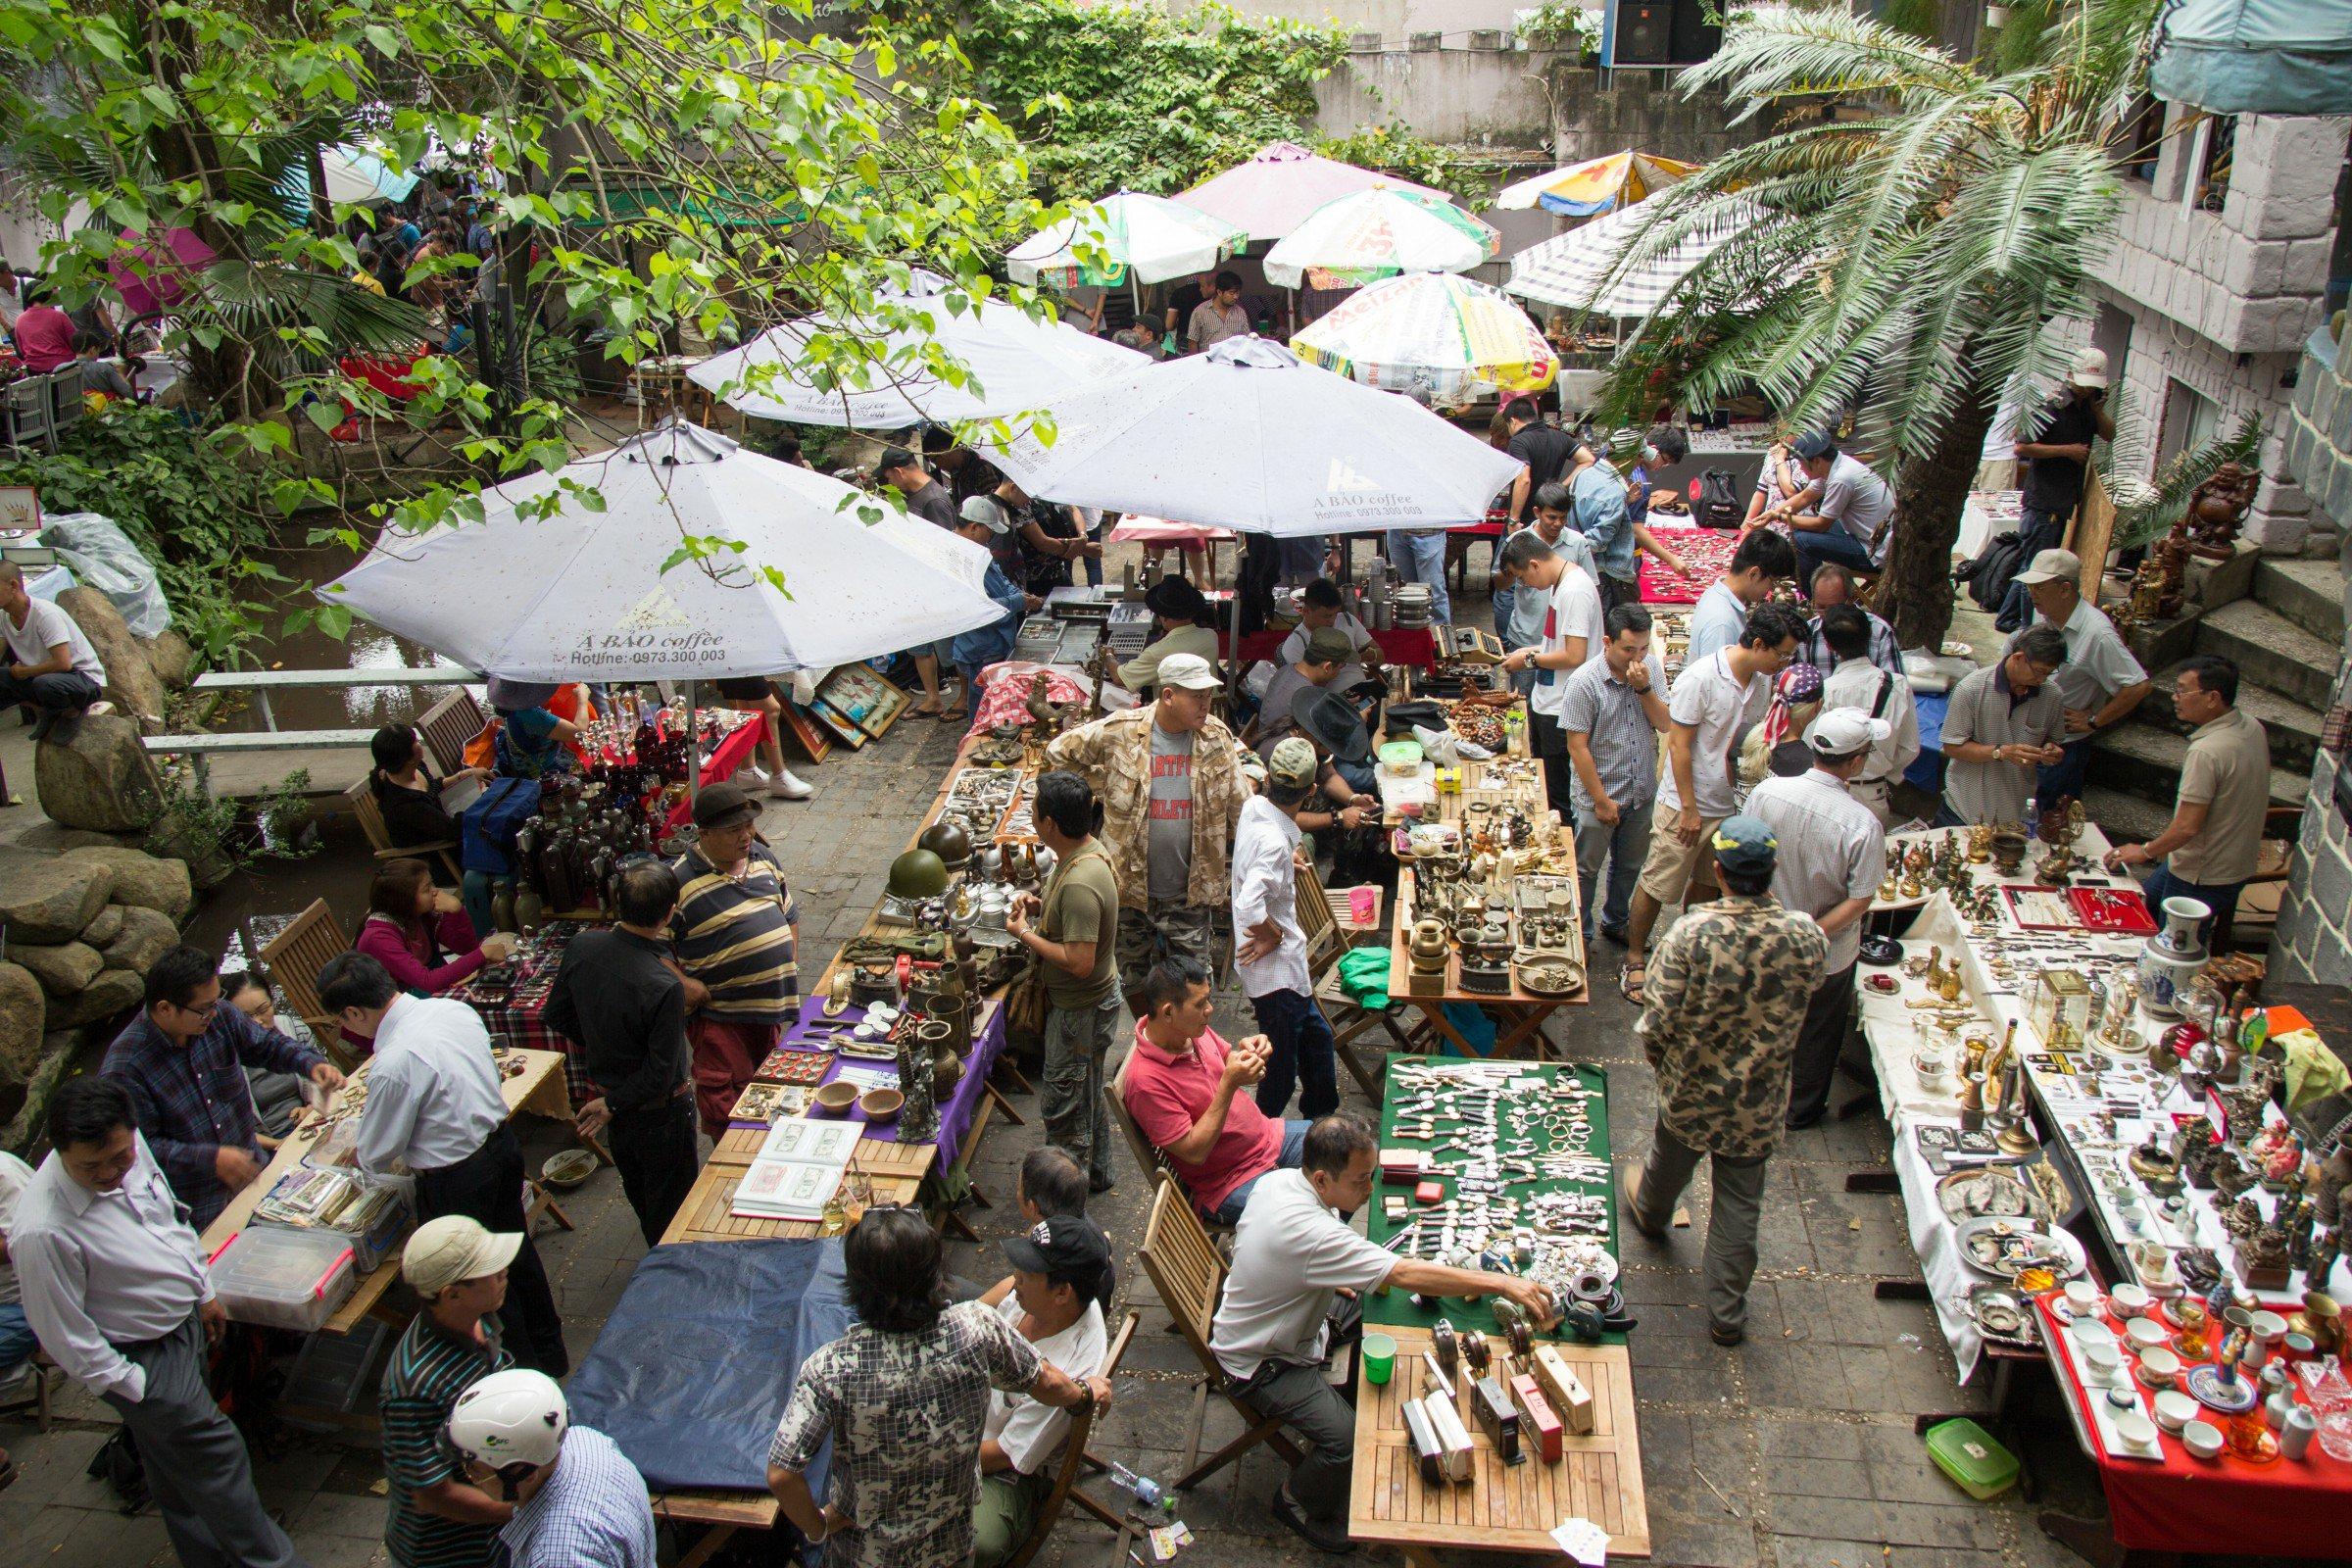 Saigon Visa for expats visiting wonderful places (part 1)